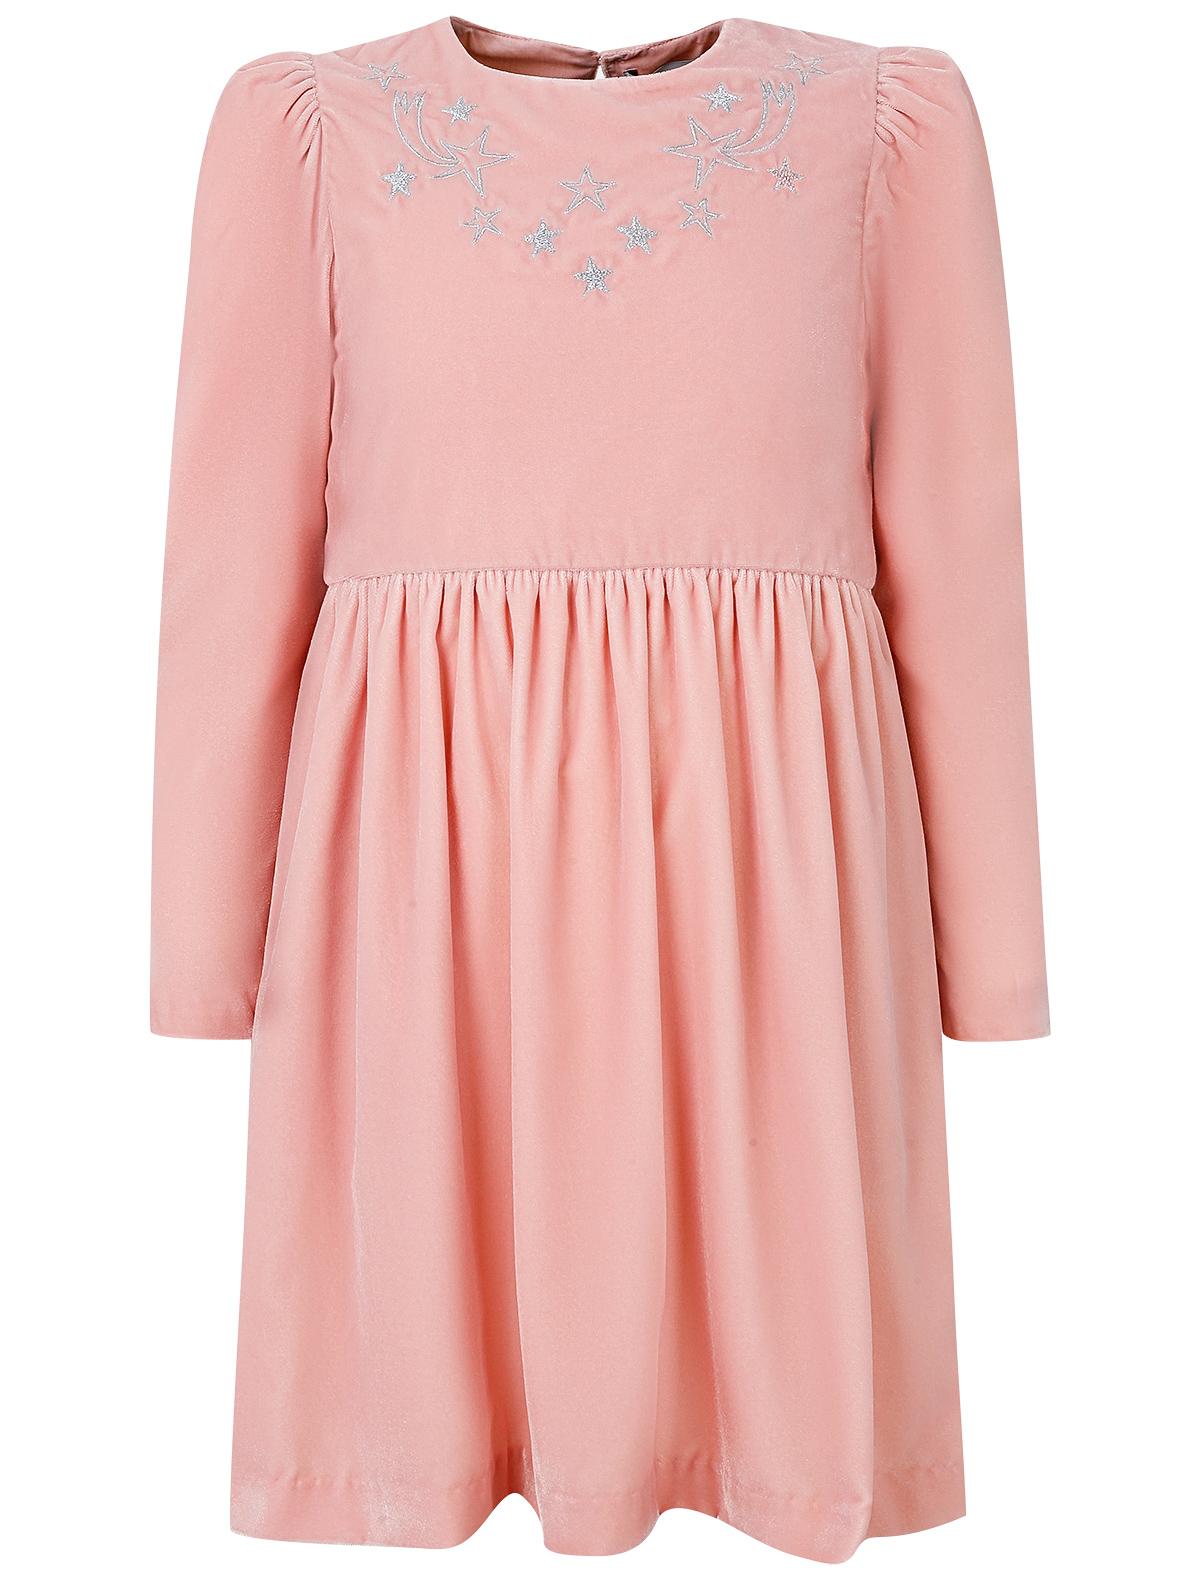 Купить 2047517, Платье Stella McCartney, розовый, Женский, 1052609980480